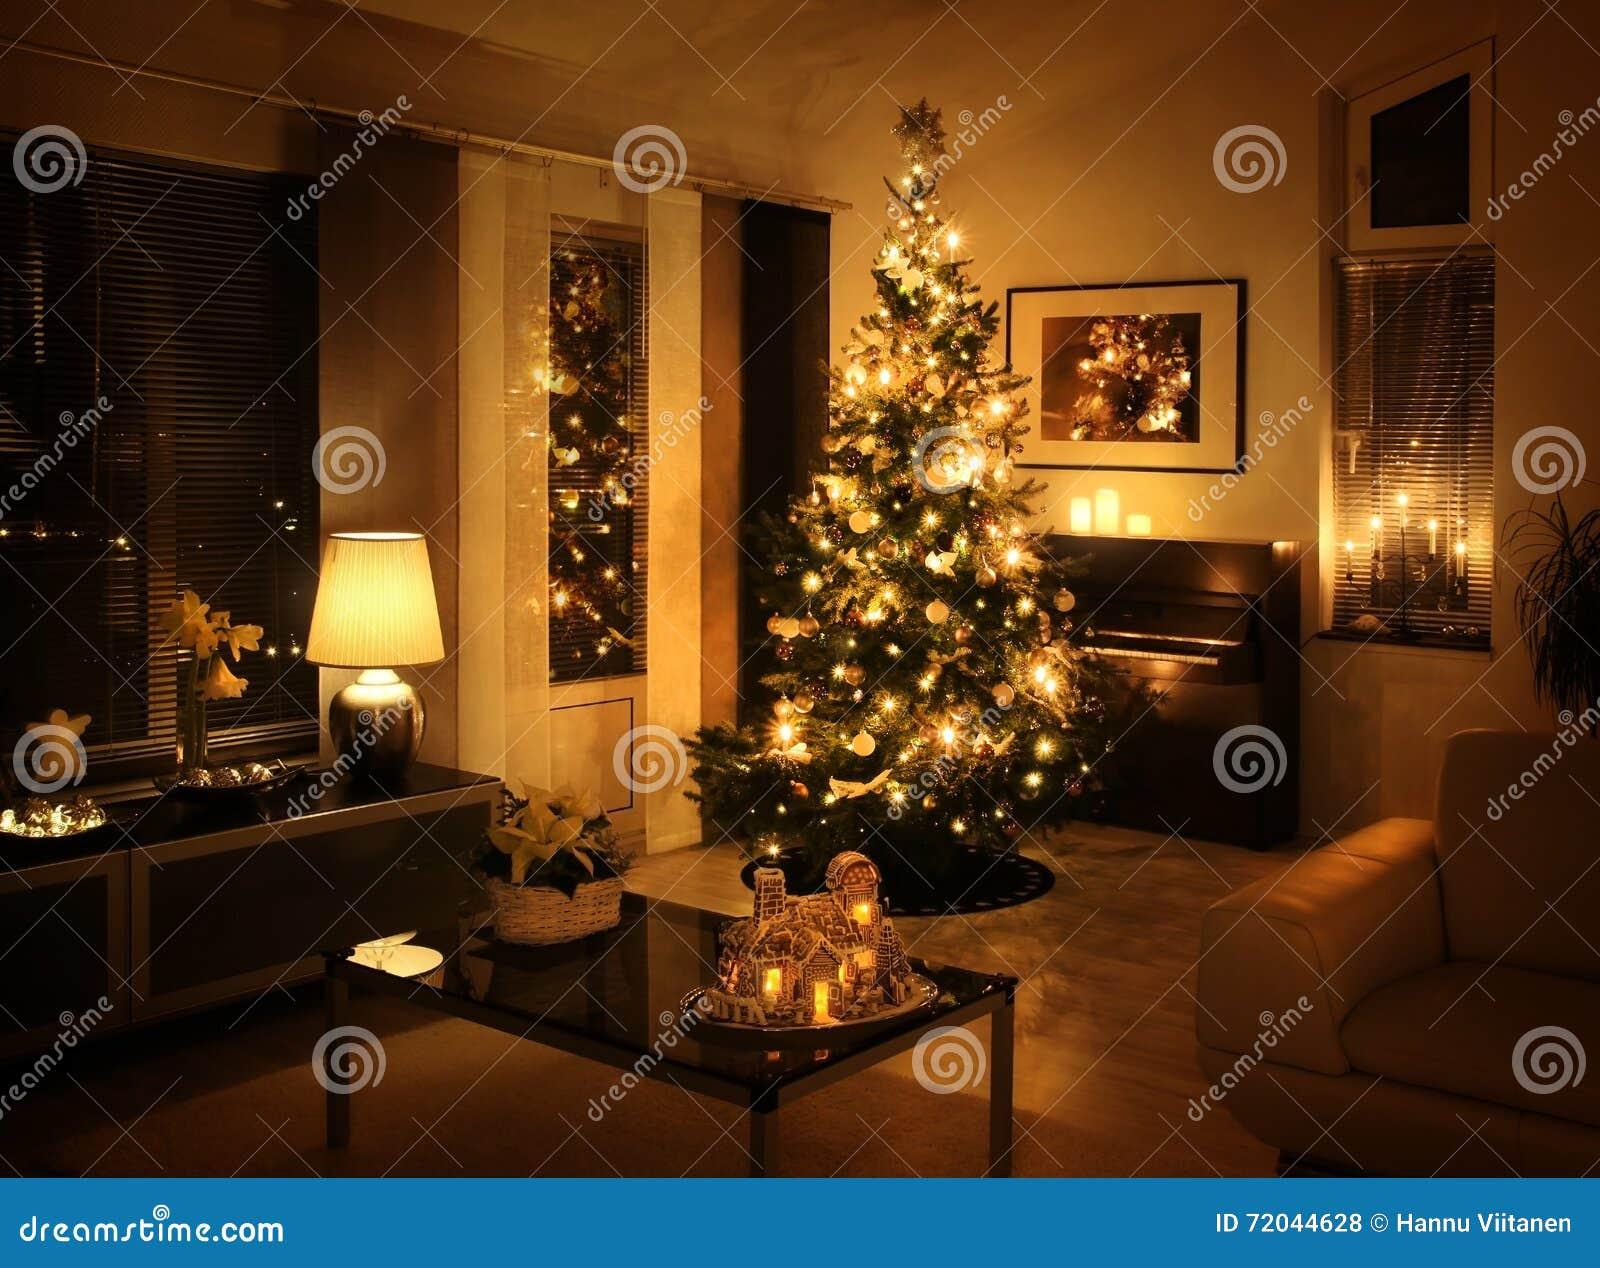 Weihnachtsbaum Im Modernen Wohnzimmer Stockfoto - Bild von raum ...